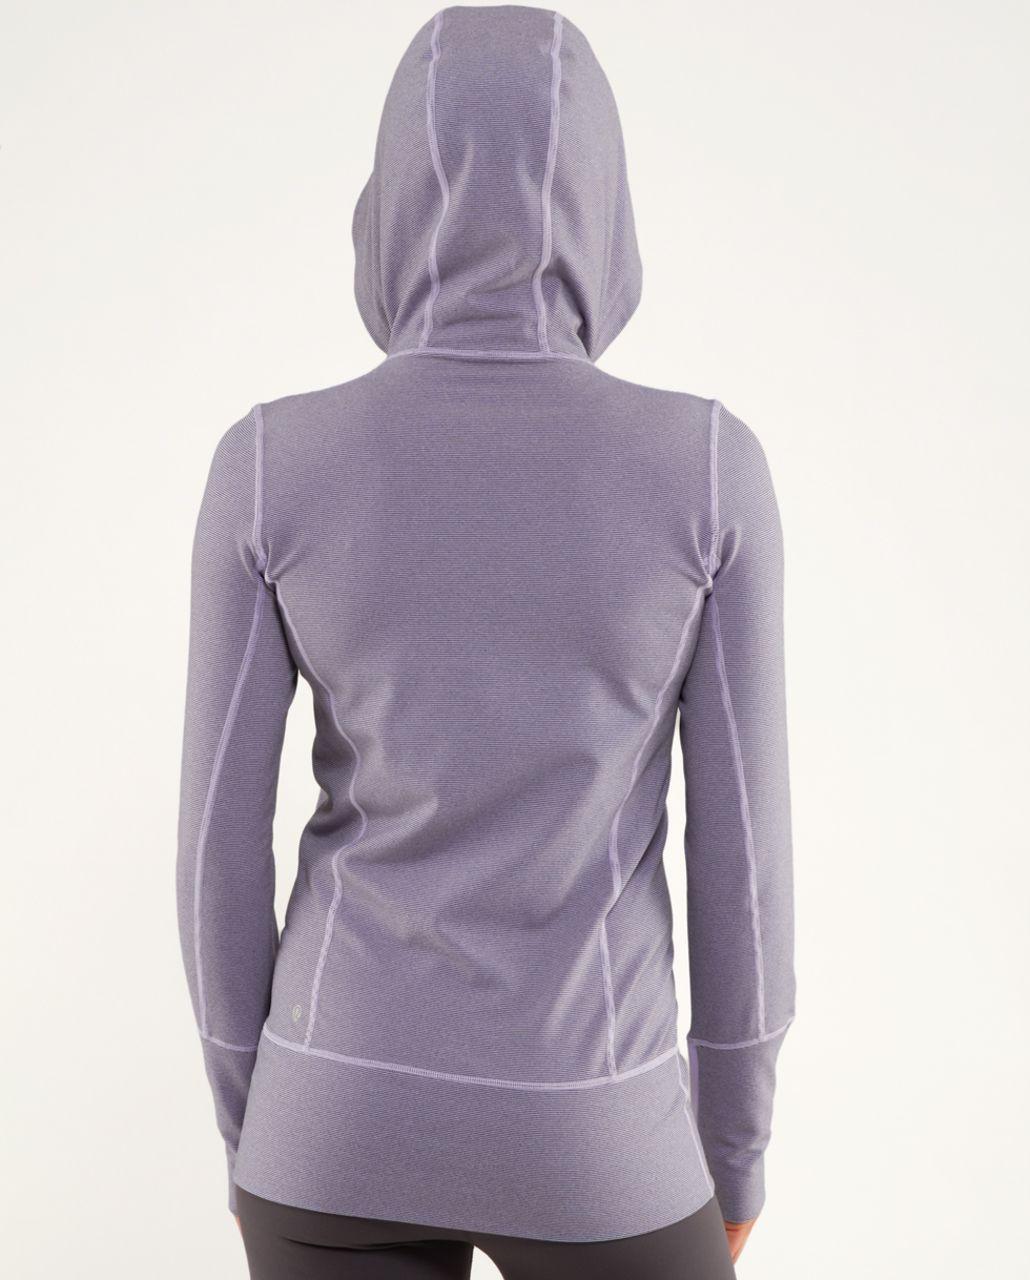 Lululemon Stride Jacket *Brushed - Lilac Heathered Coal Wee Stripe /  Lilac